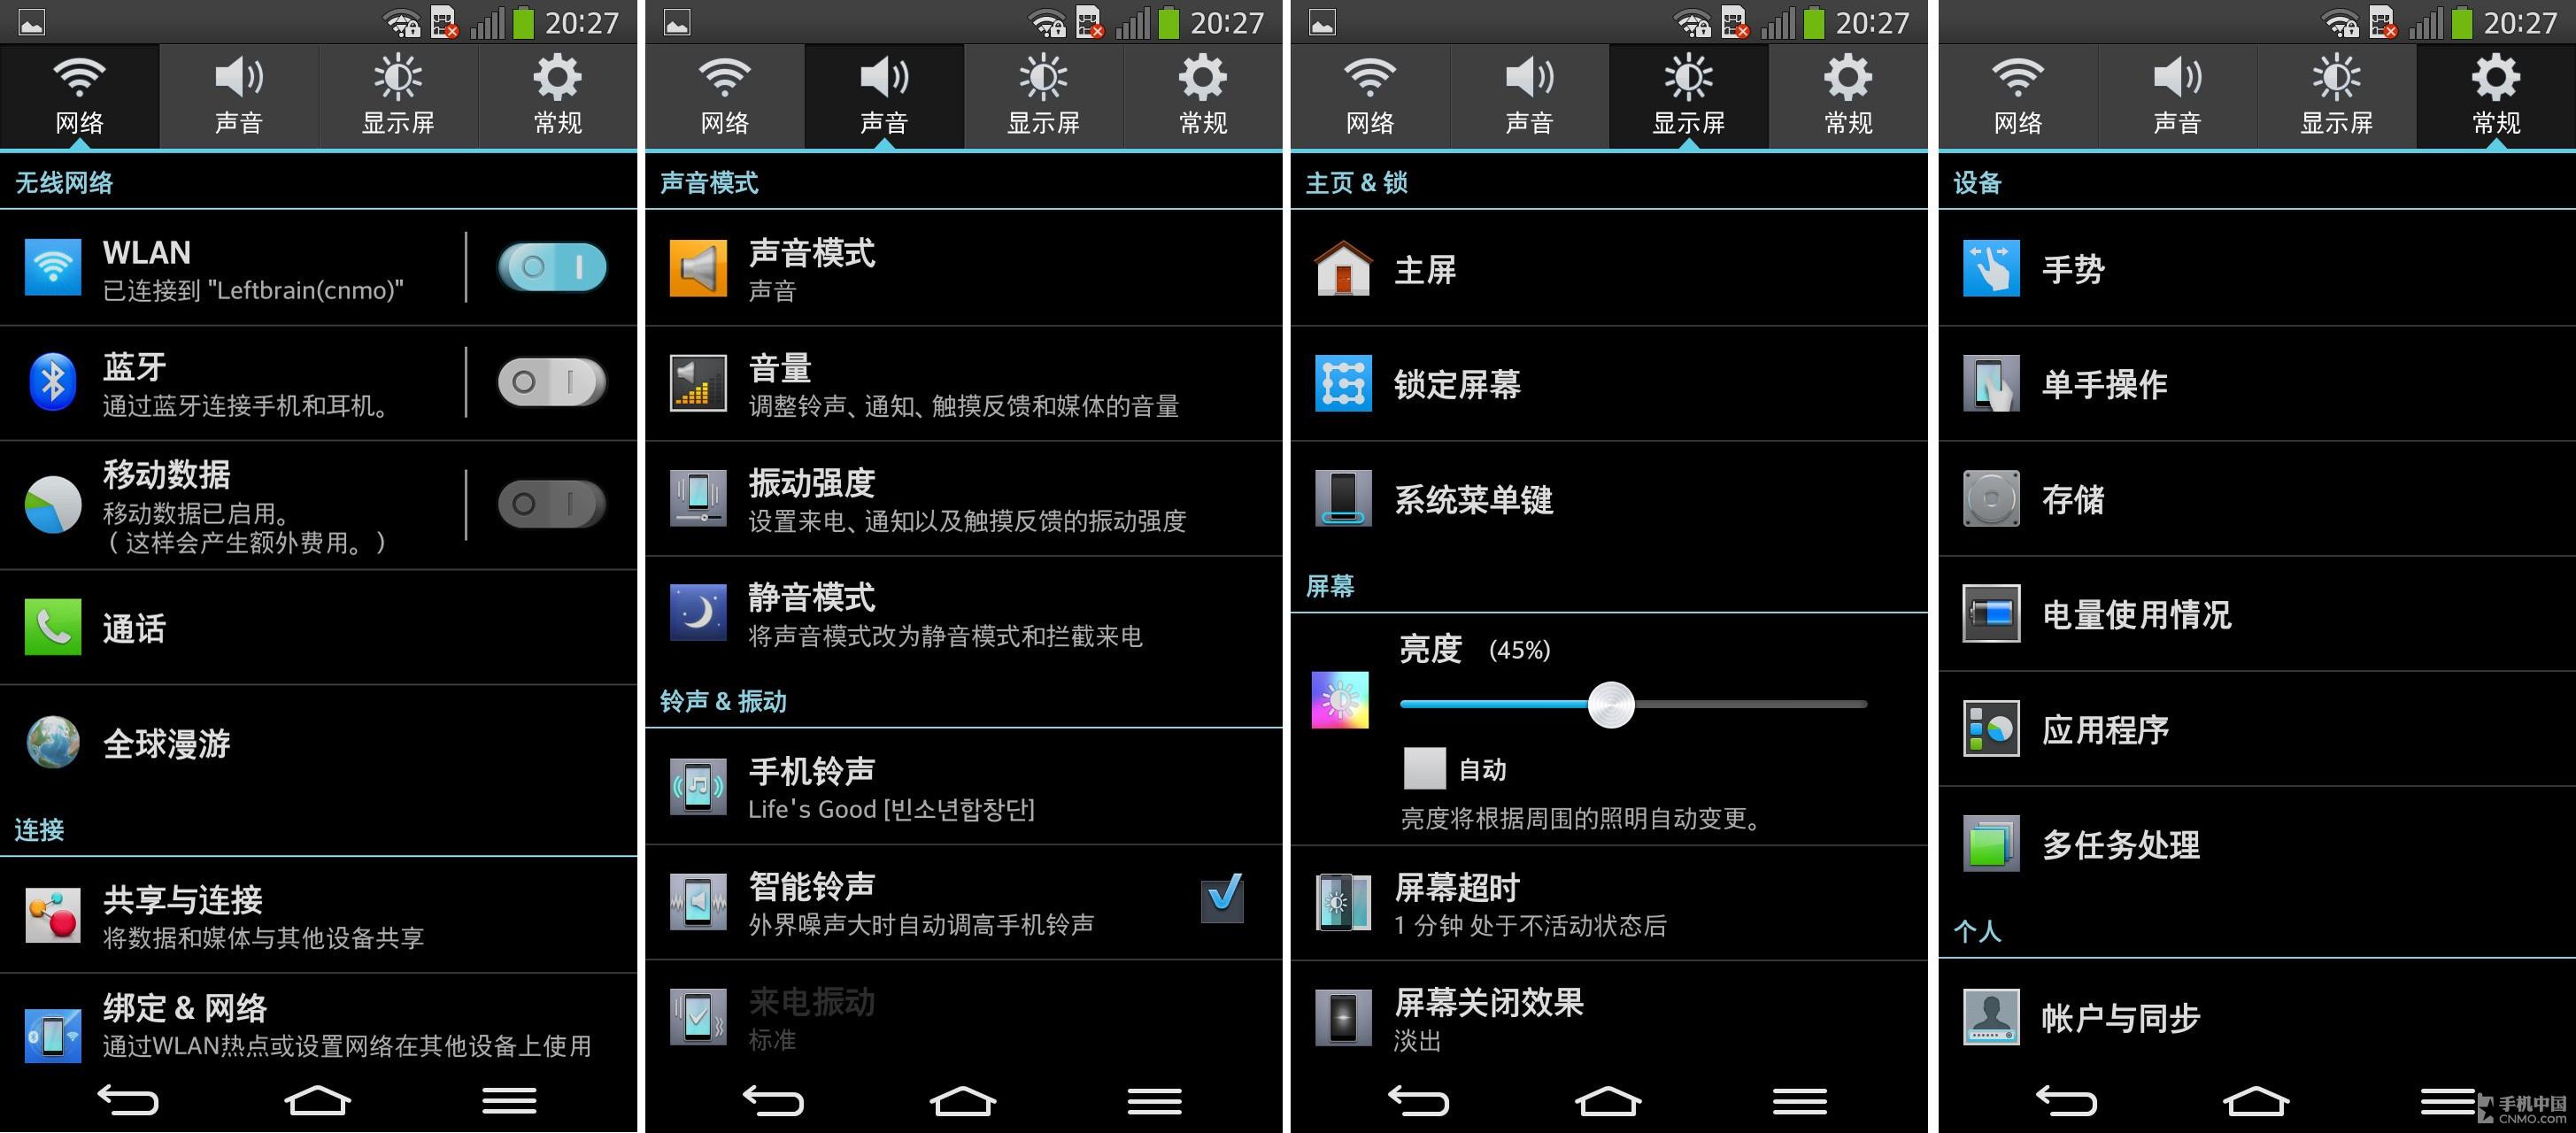 """另外,LG G Flex的设置界面也较为独特,分为网络、声音、显示屏以及常规设置选项卡,如上图所示,方便用户日常设置操作,其中""""常规""""选项卡则与其它手机的系统设置相似。"""